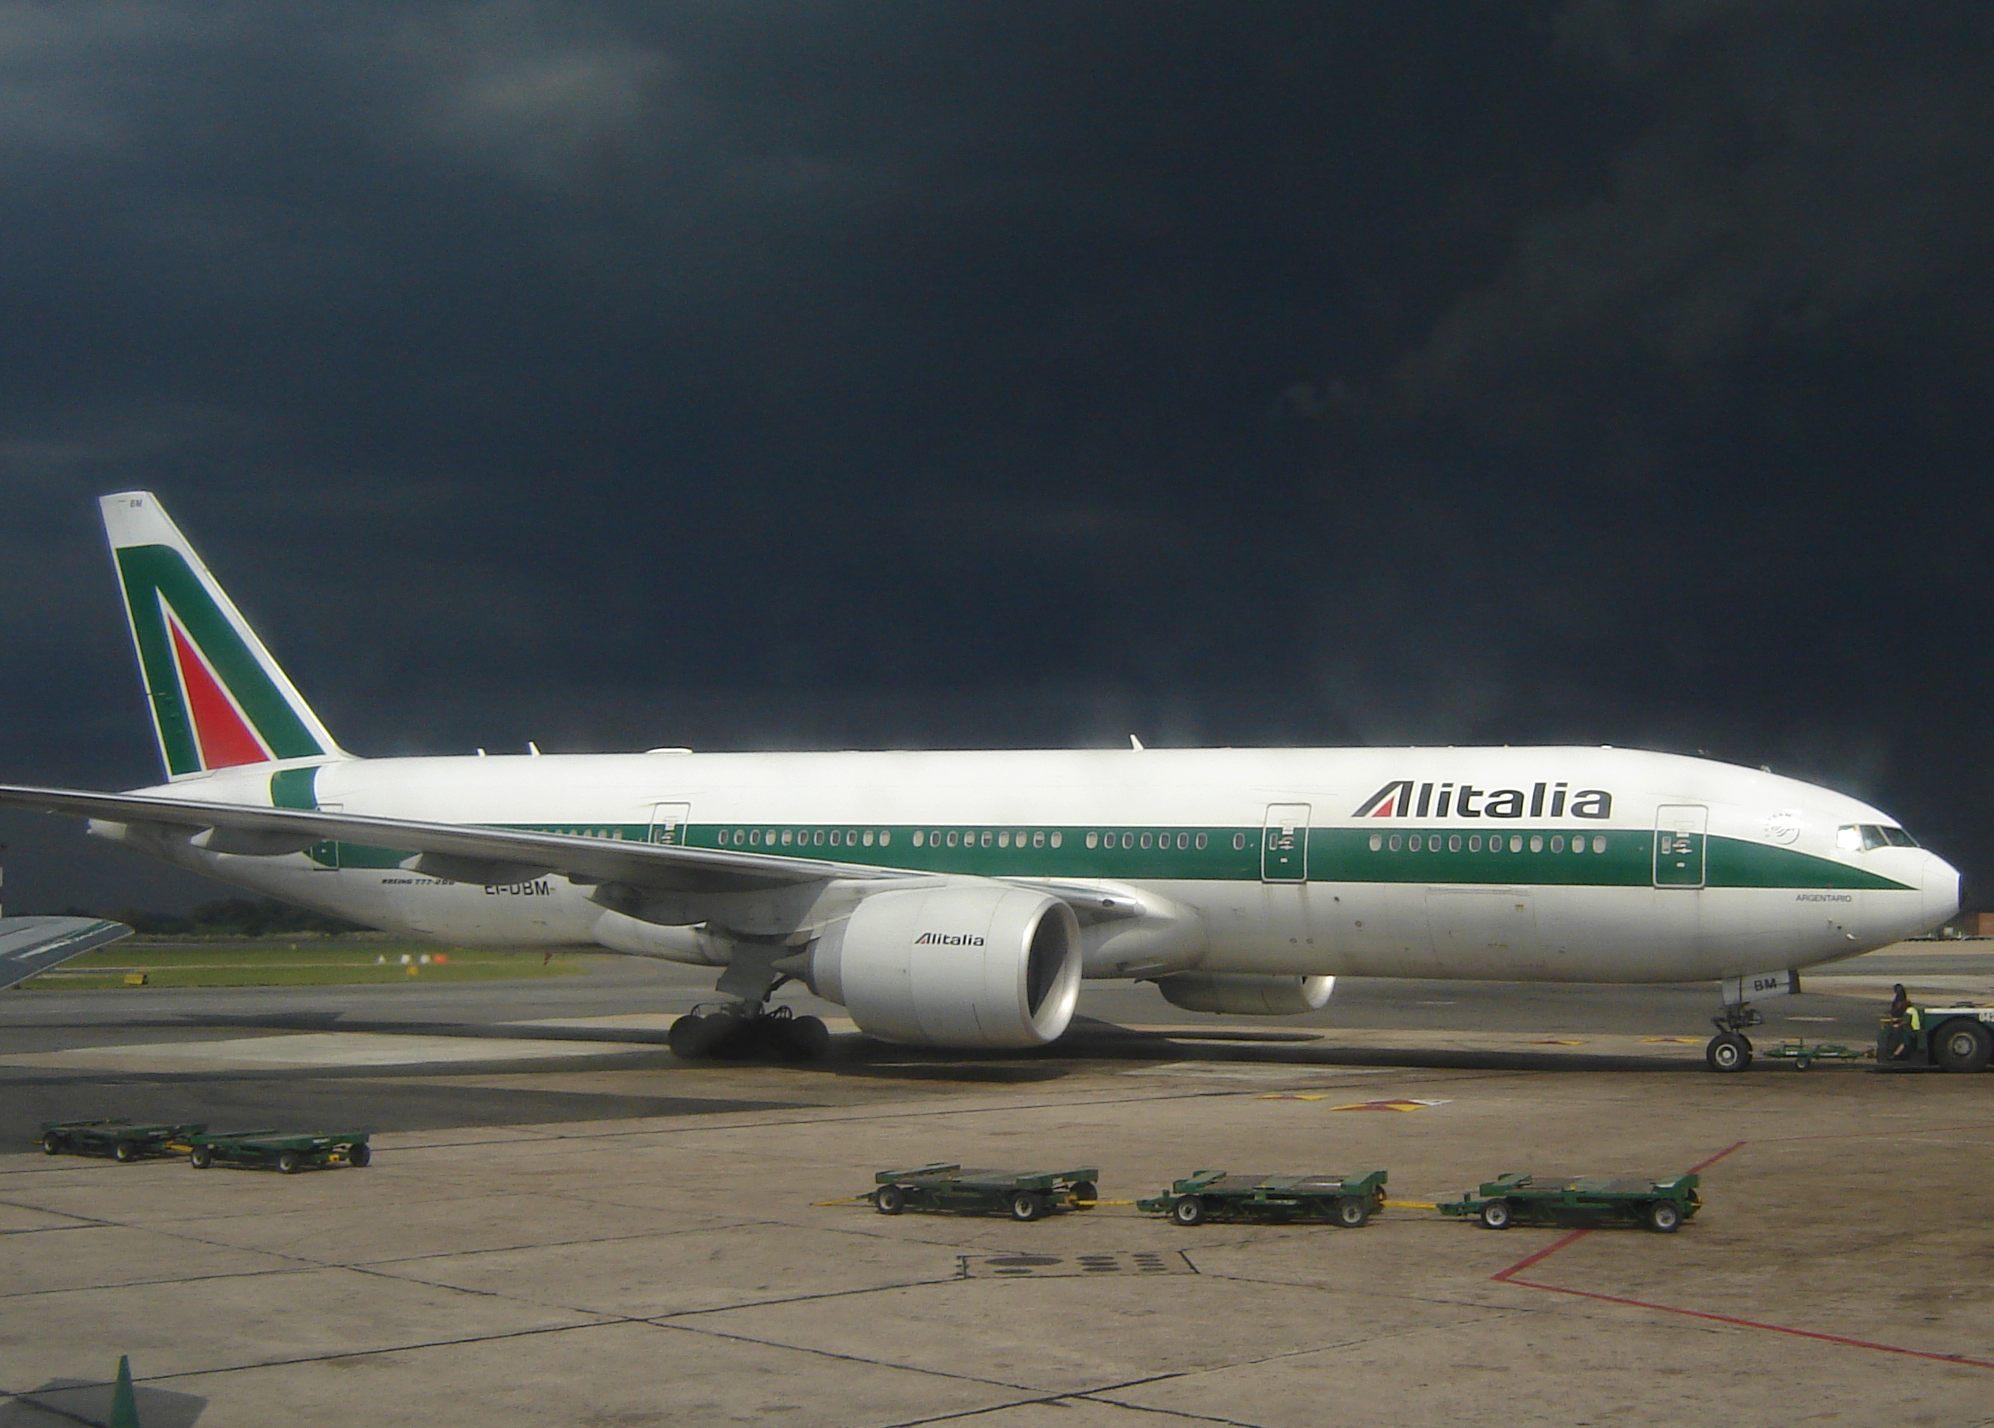 Caso Alitalia ad un bivio, si interrompe il tavolo con i sindacati. Lupi: accordo anche senza Cgil. Etihad: trattativa ancora in corso